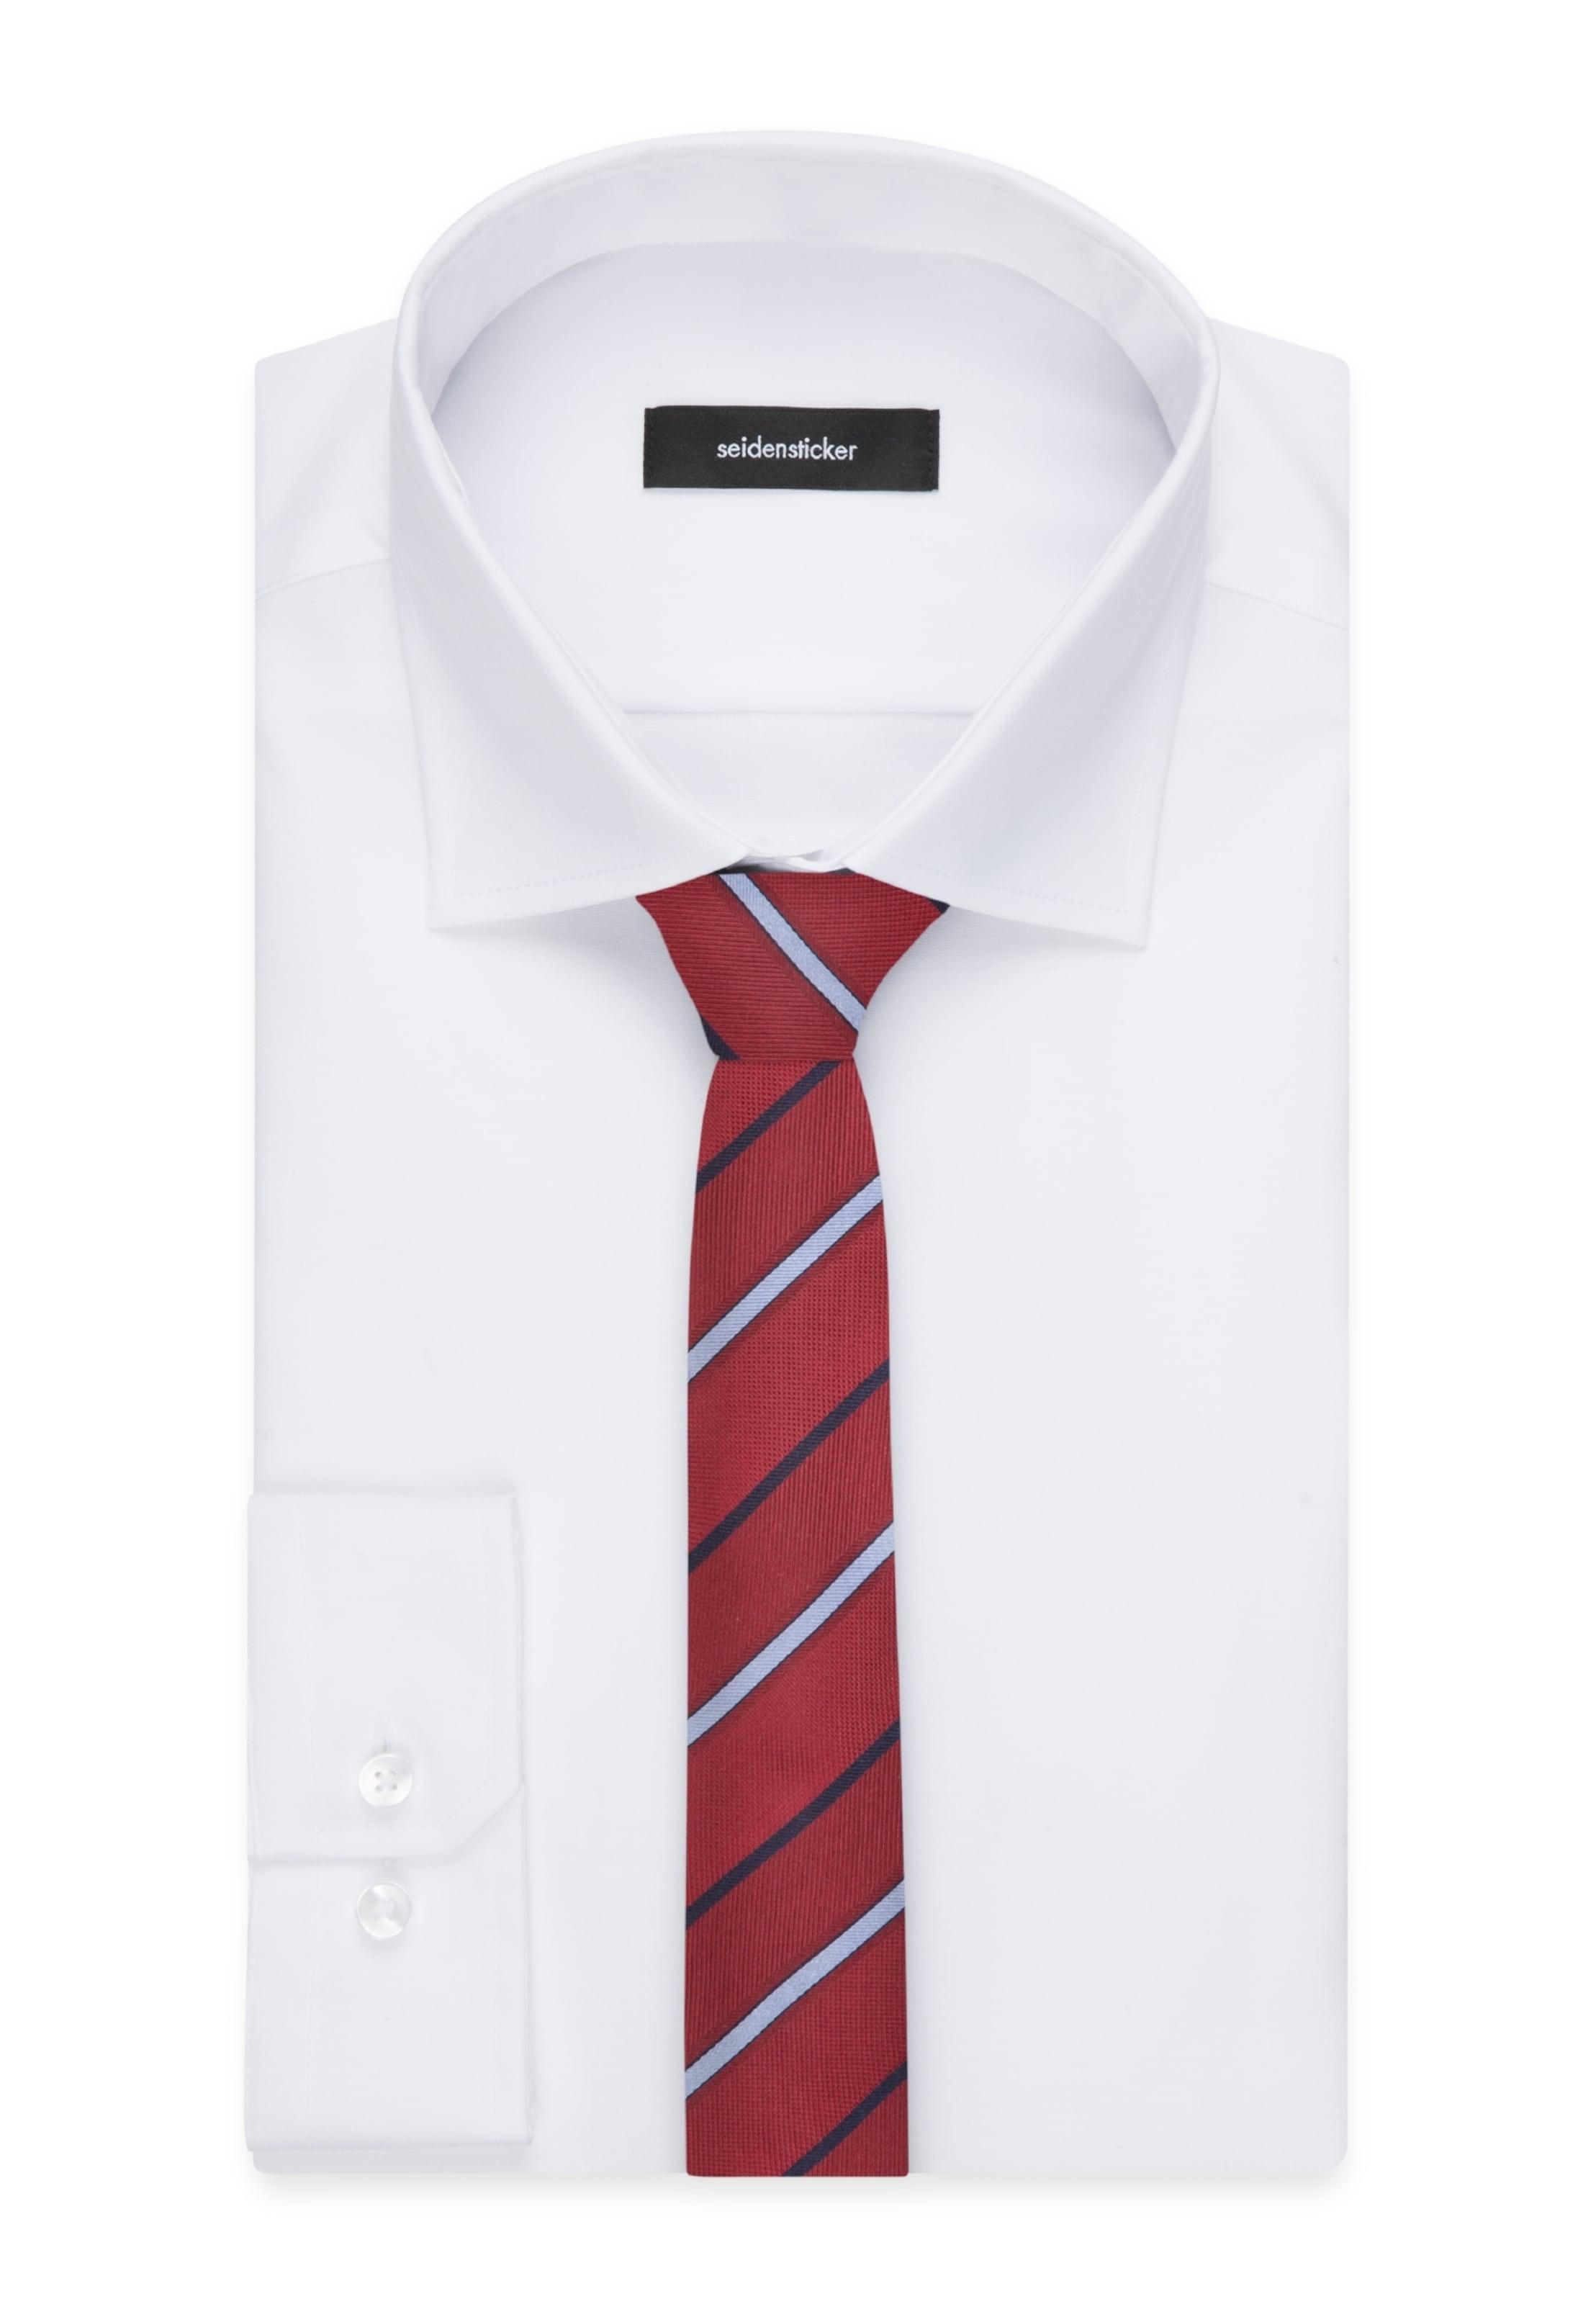 Freies Verschiffen In Deutschland SEIDENSTICKER Krawatte 'Slim' Großhandelspreis Günstig Online WwCijtG